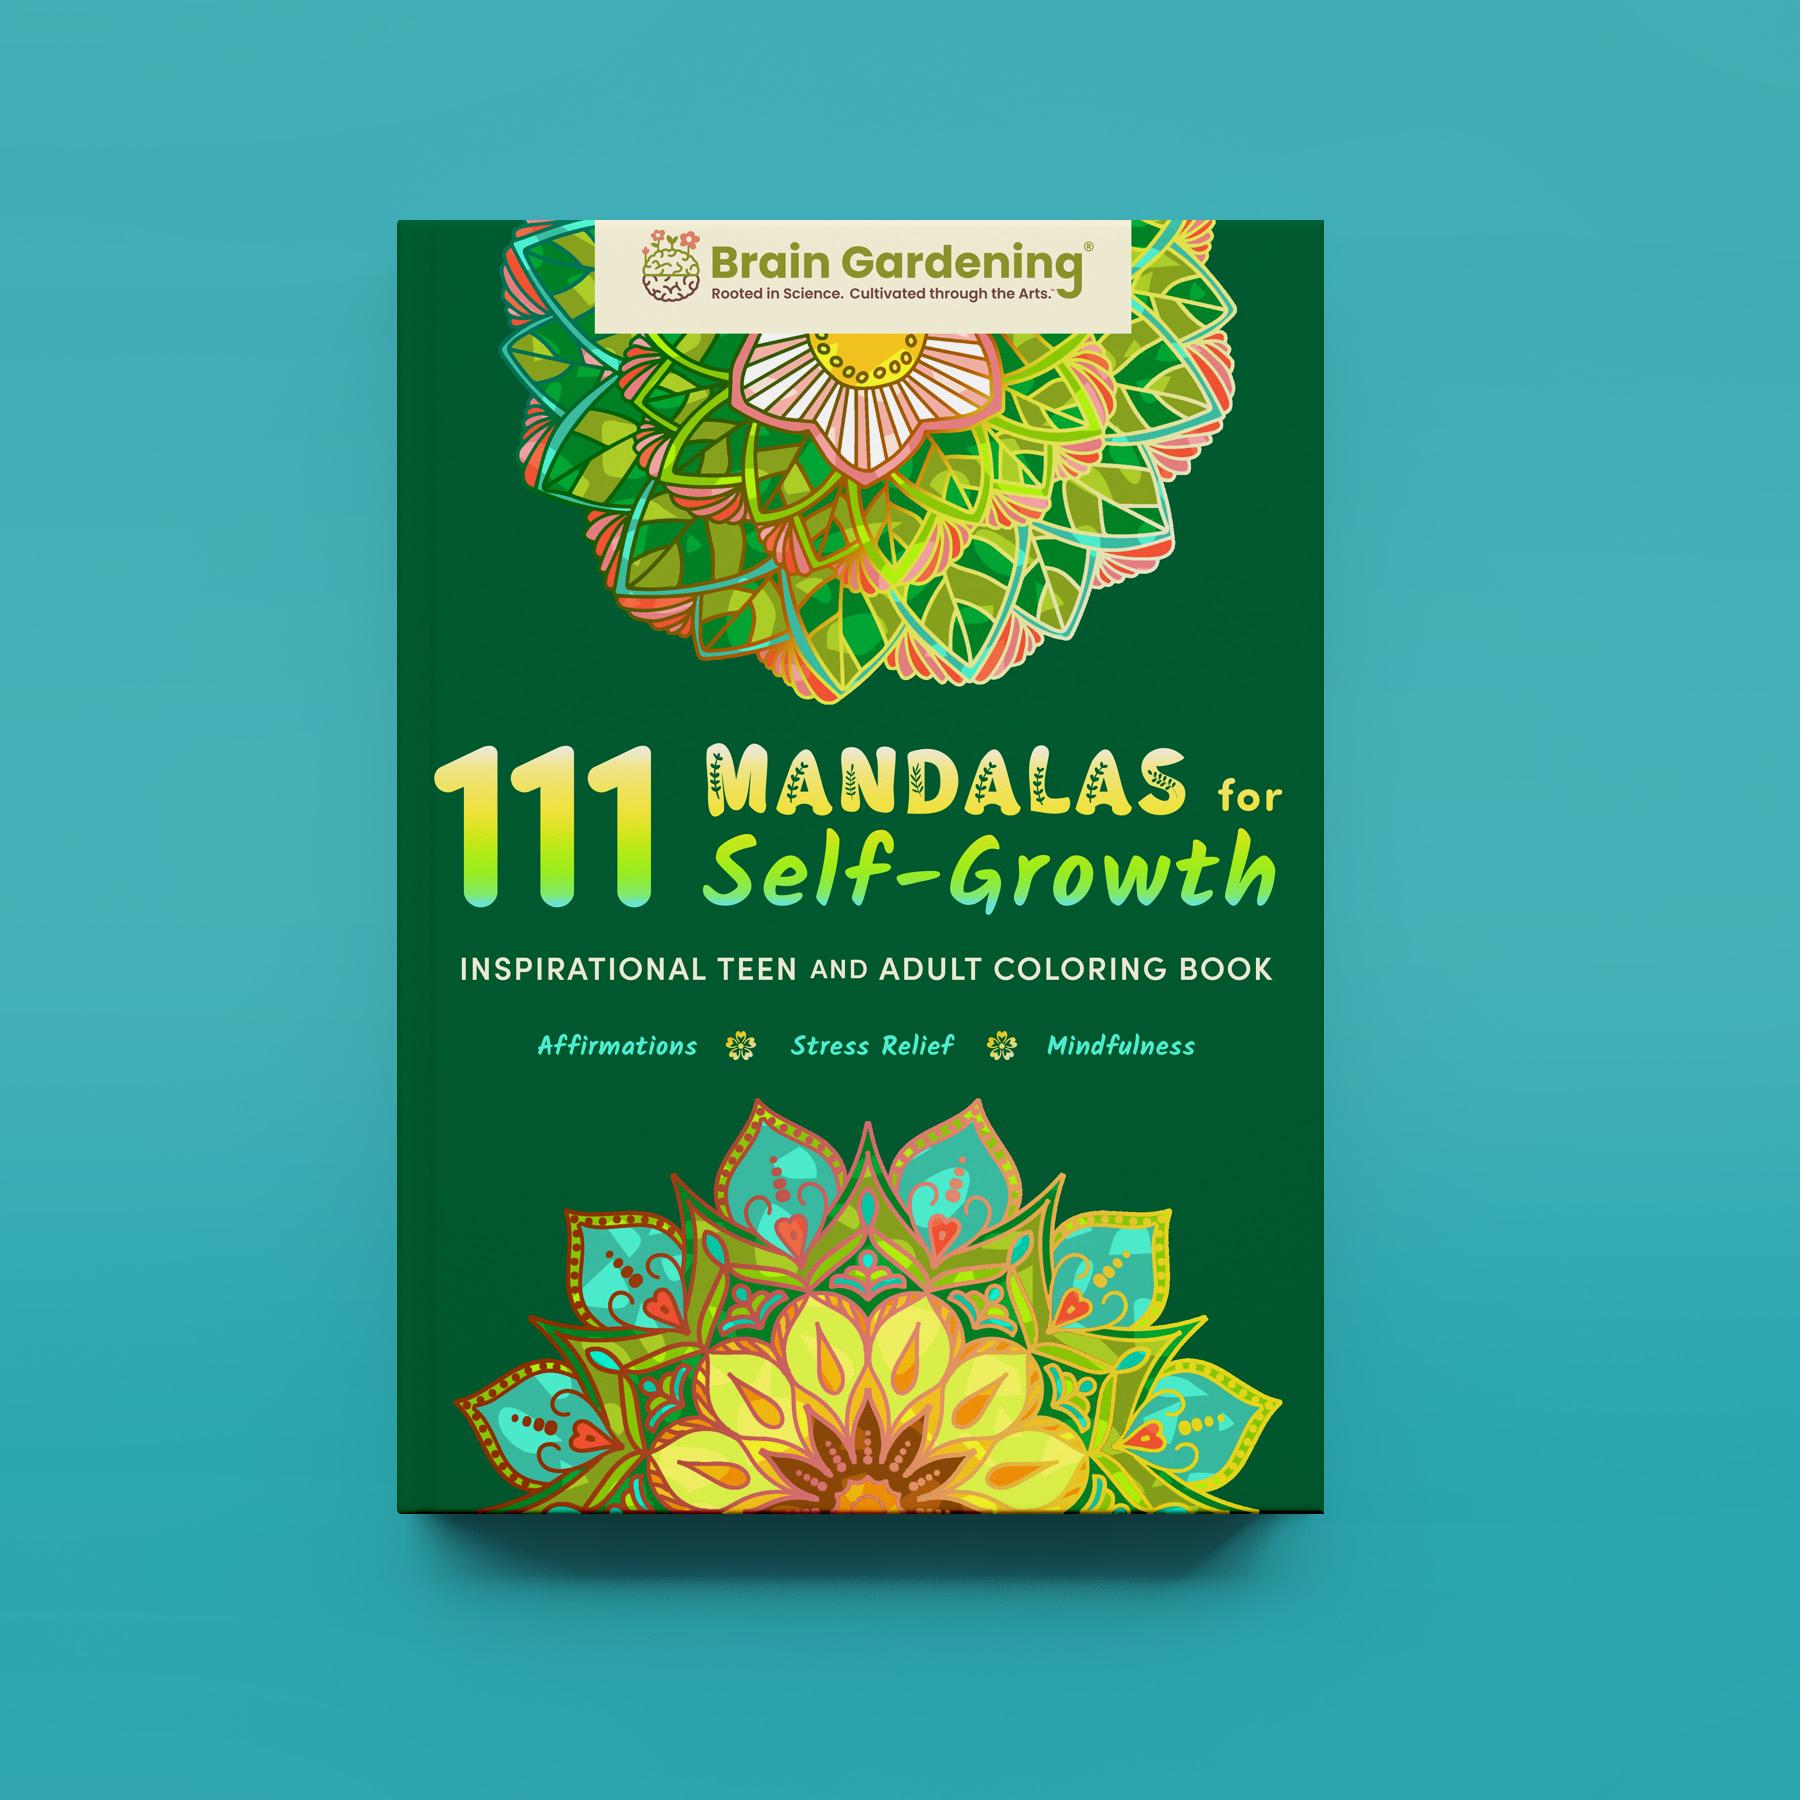 111 Mandalas for Self-Growth Coloring Book